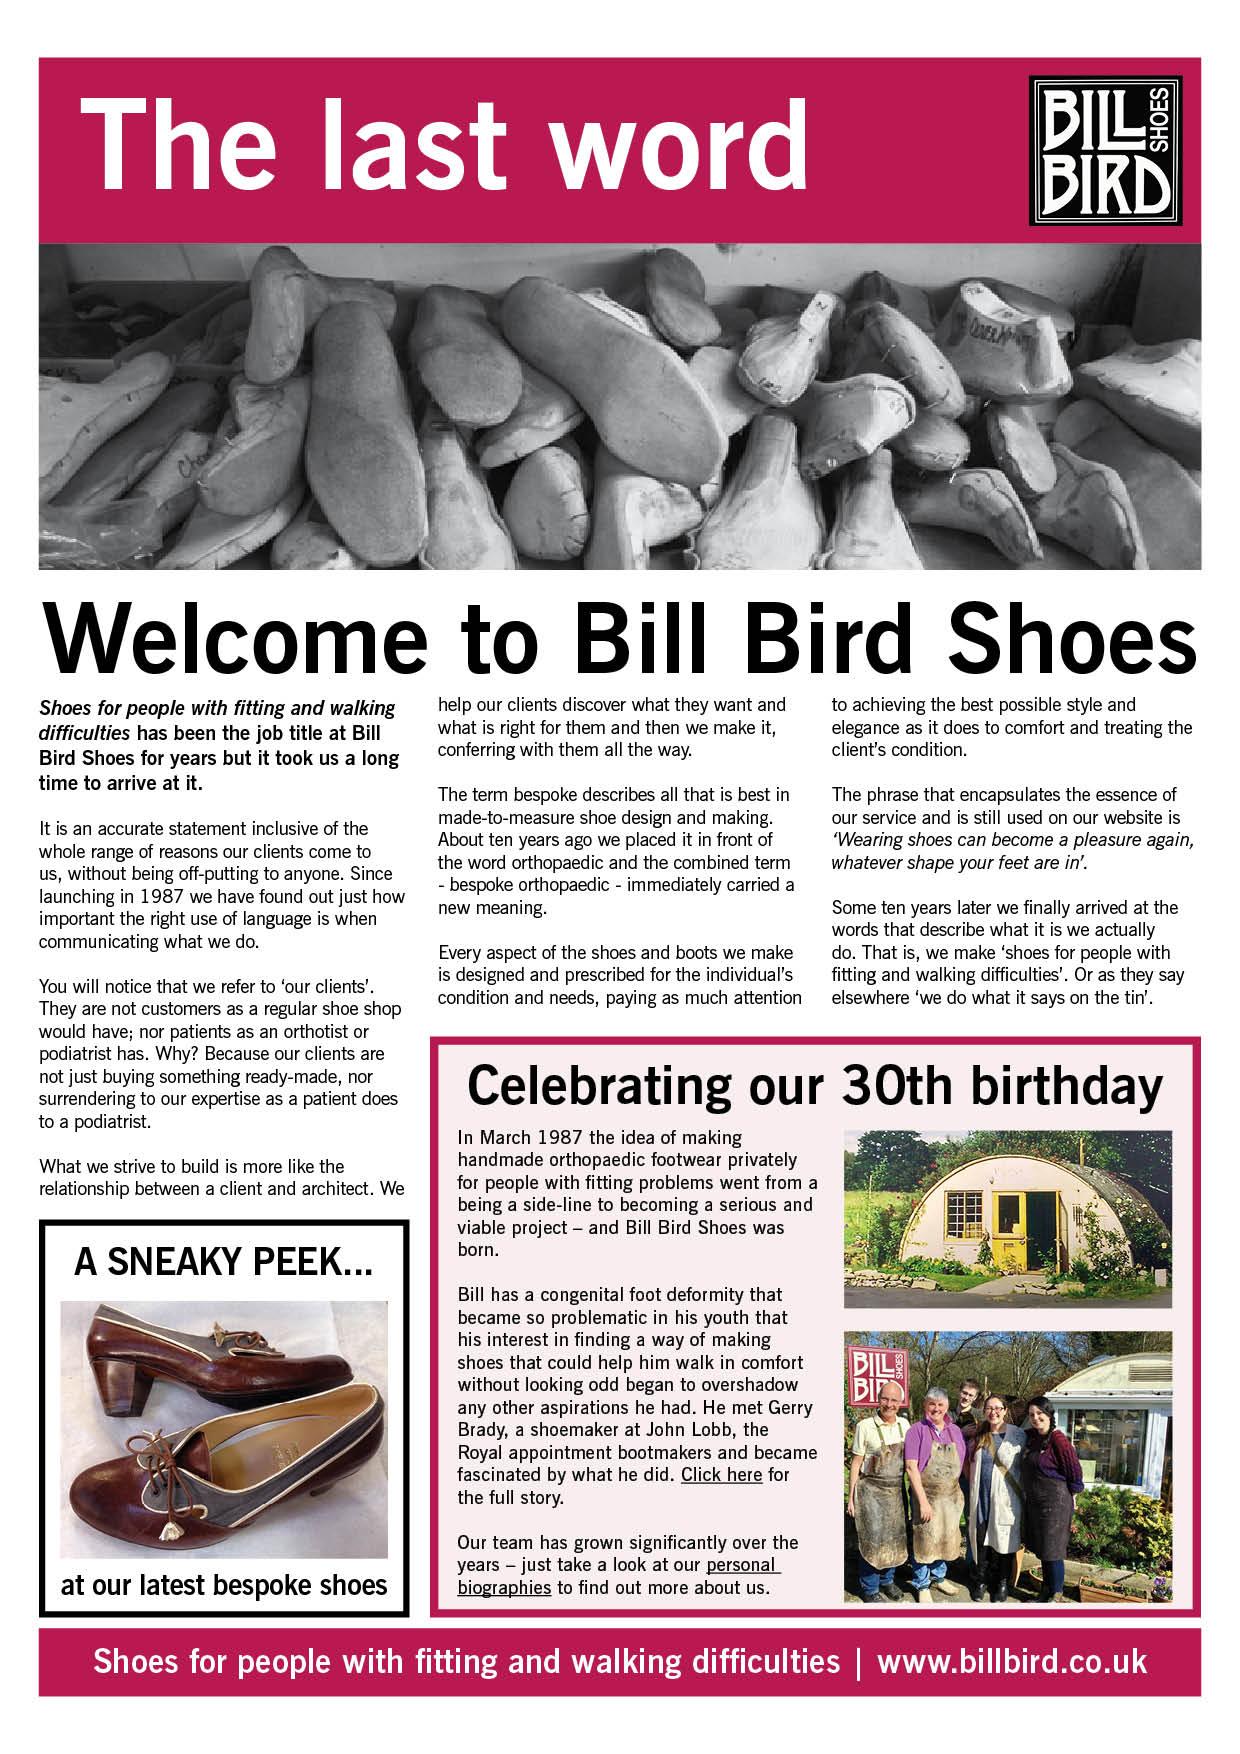 Bill Bird Shoes newsletter